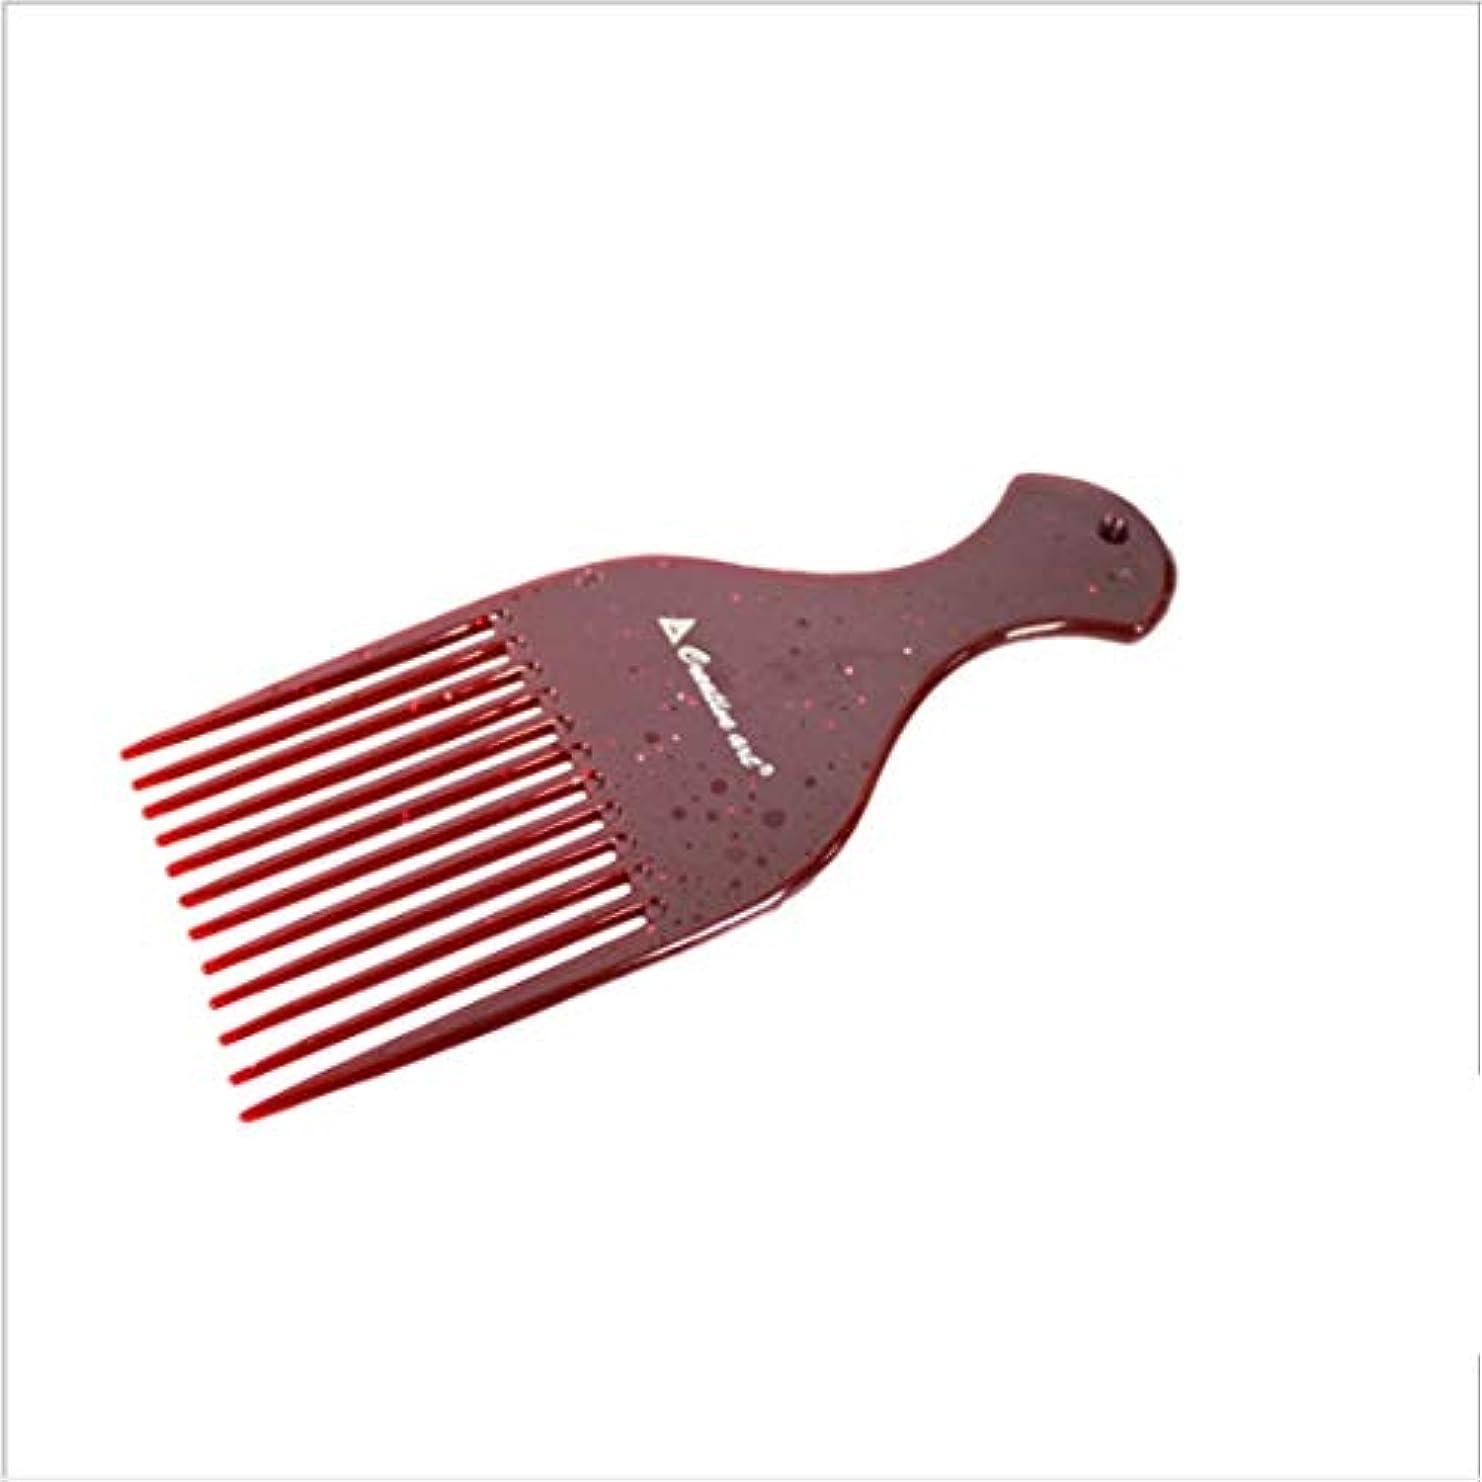 マインド居住者叱るGuomao 理髪師のフォーク-7inchの長さのための滑らかな毛の調整の熊手の櫛 (色 : Chocolate)